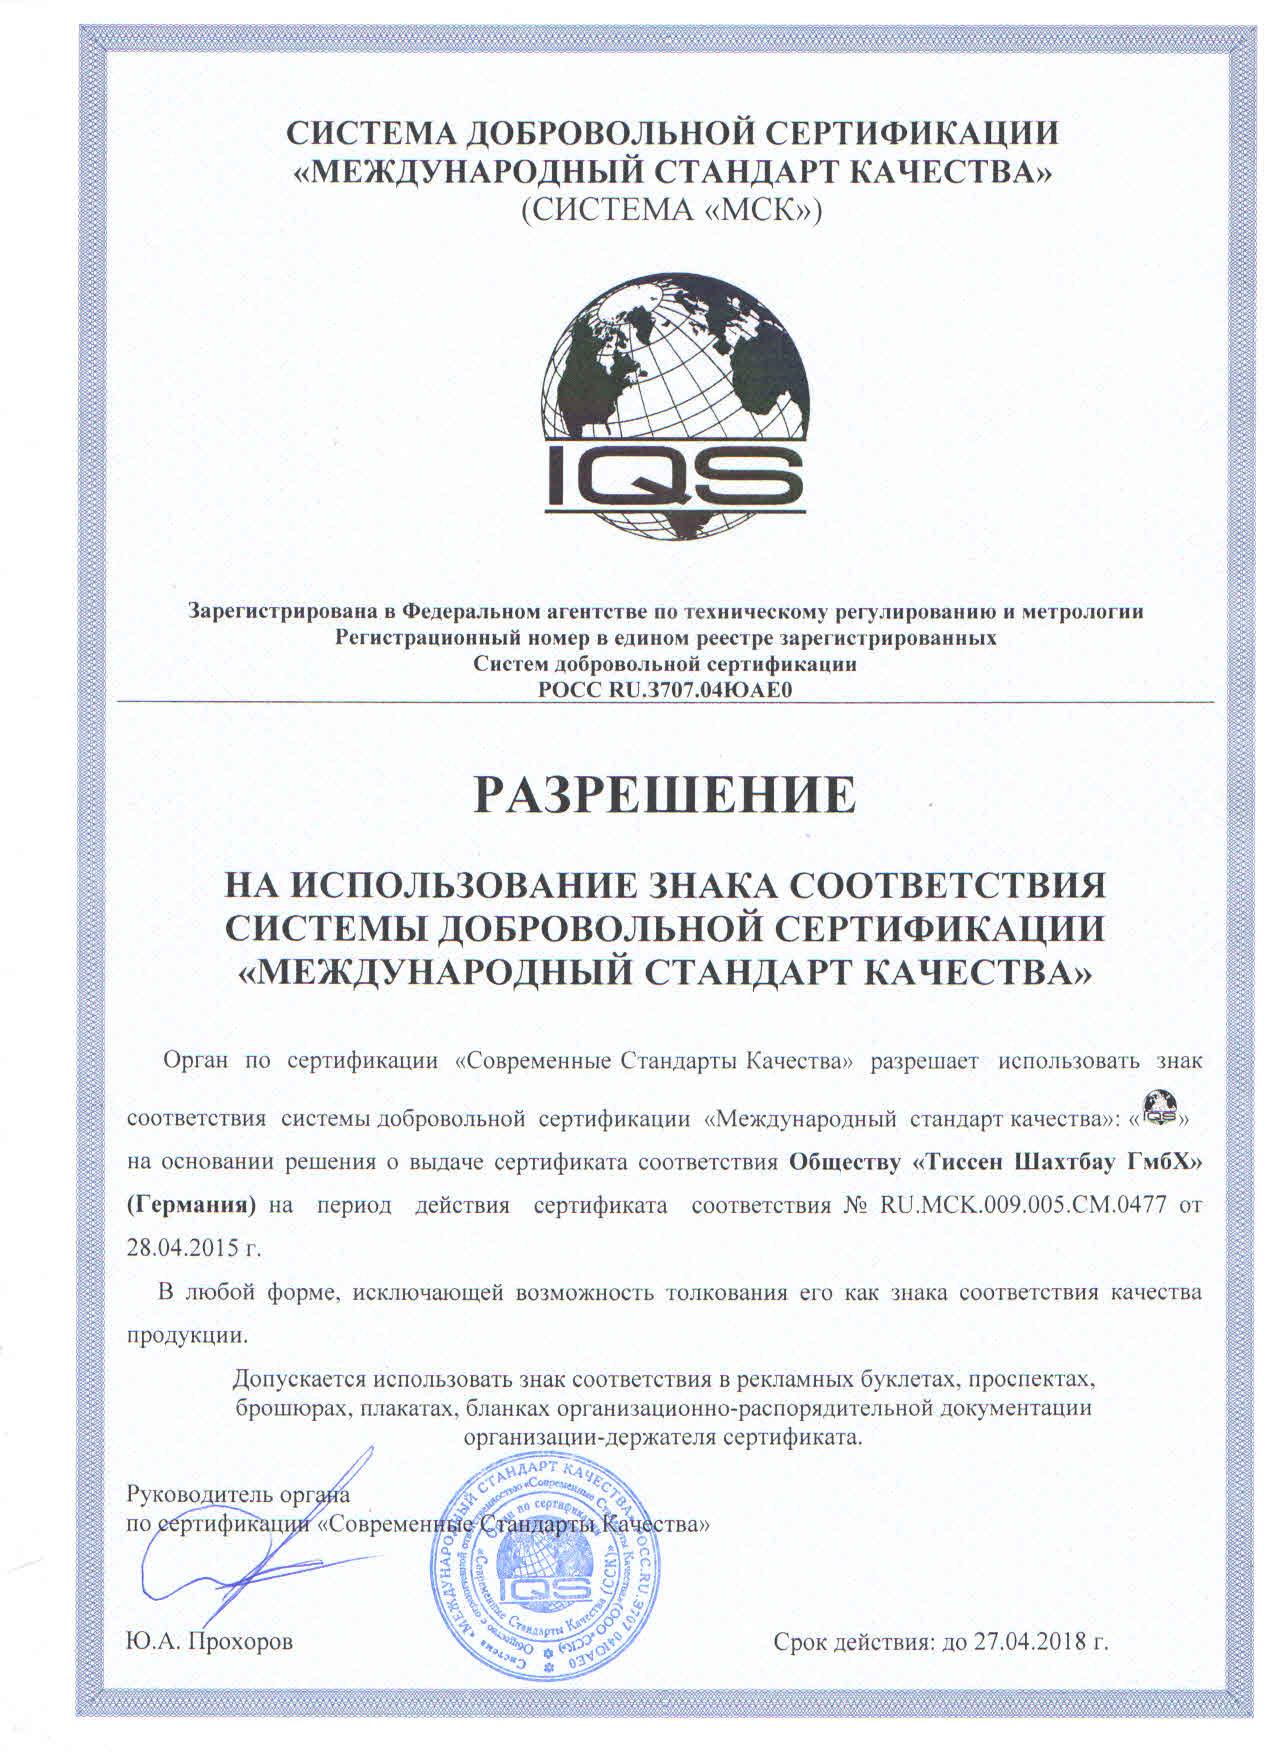 купить ИСО 14001 экологический менеджмент в Пушкино